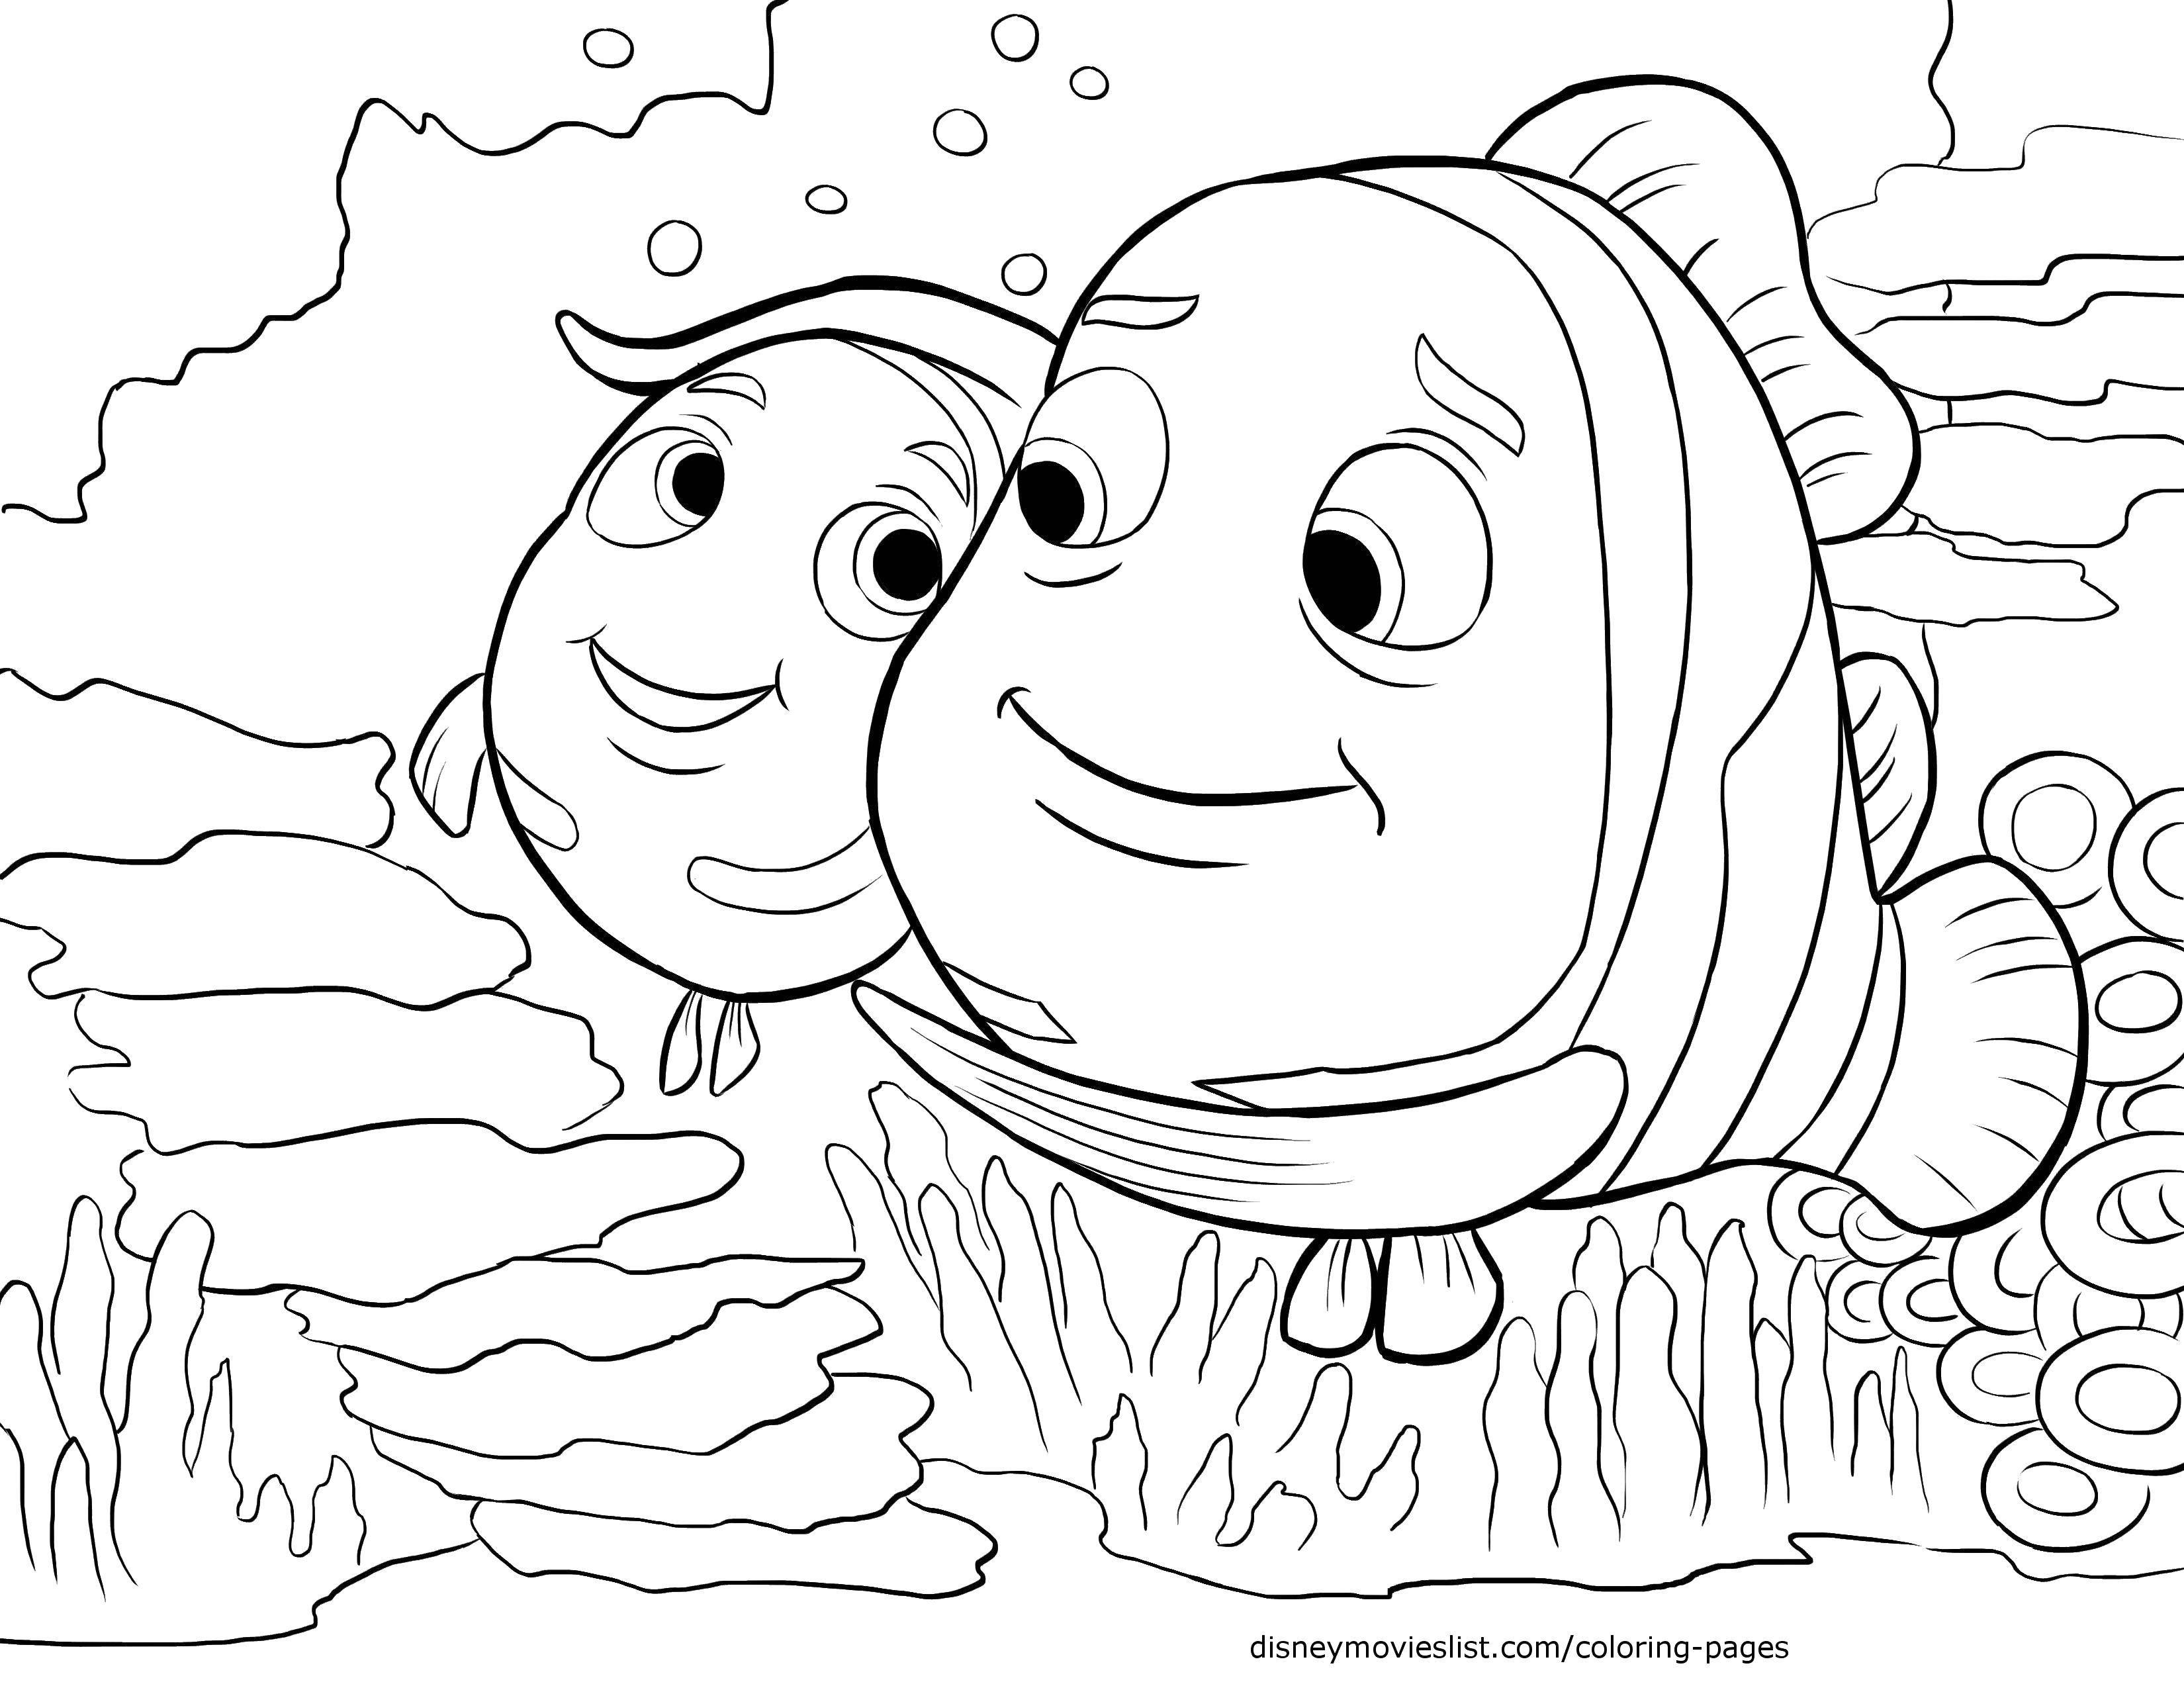 Раскраска Рыбки из мультфильма  в поисках дори  Скачать Персонаж из мультфильма,  В поисках Дори .  Распечатать ,Персонаж из мультфильма,